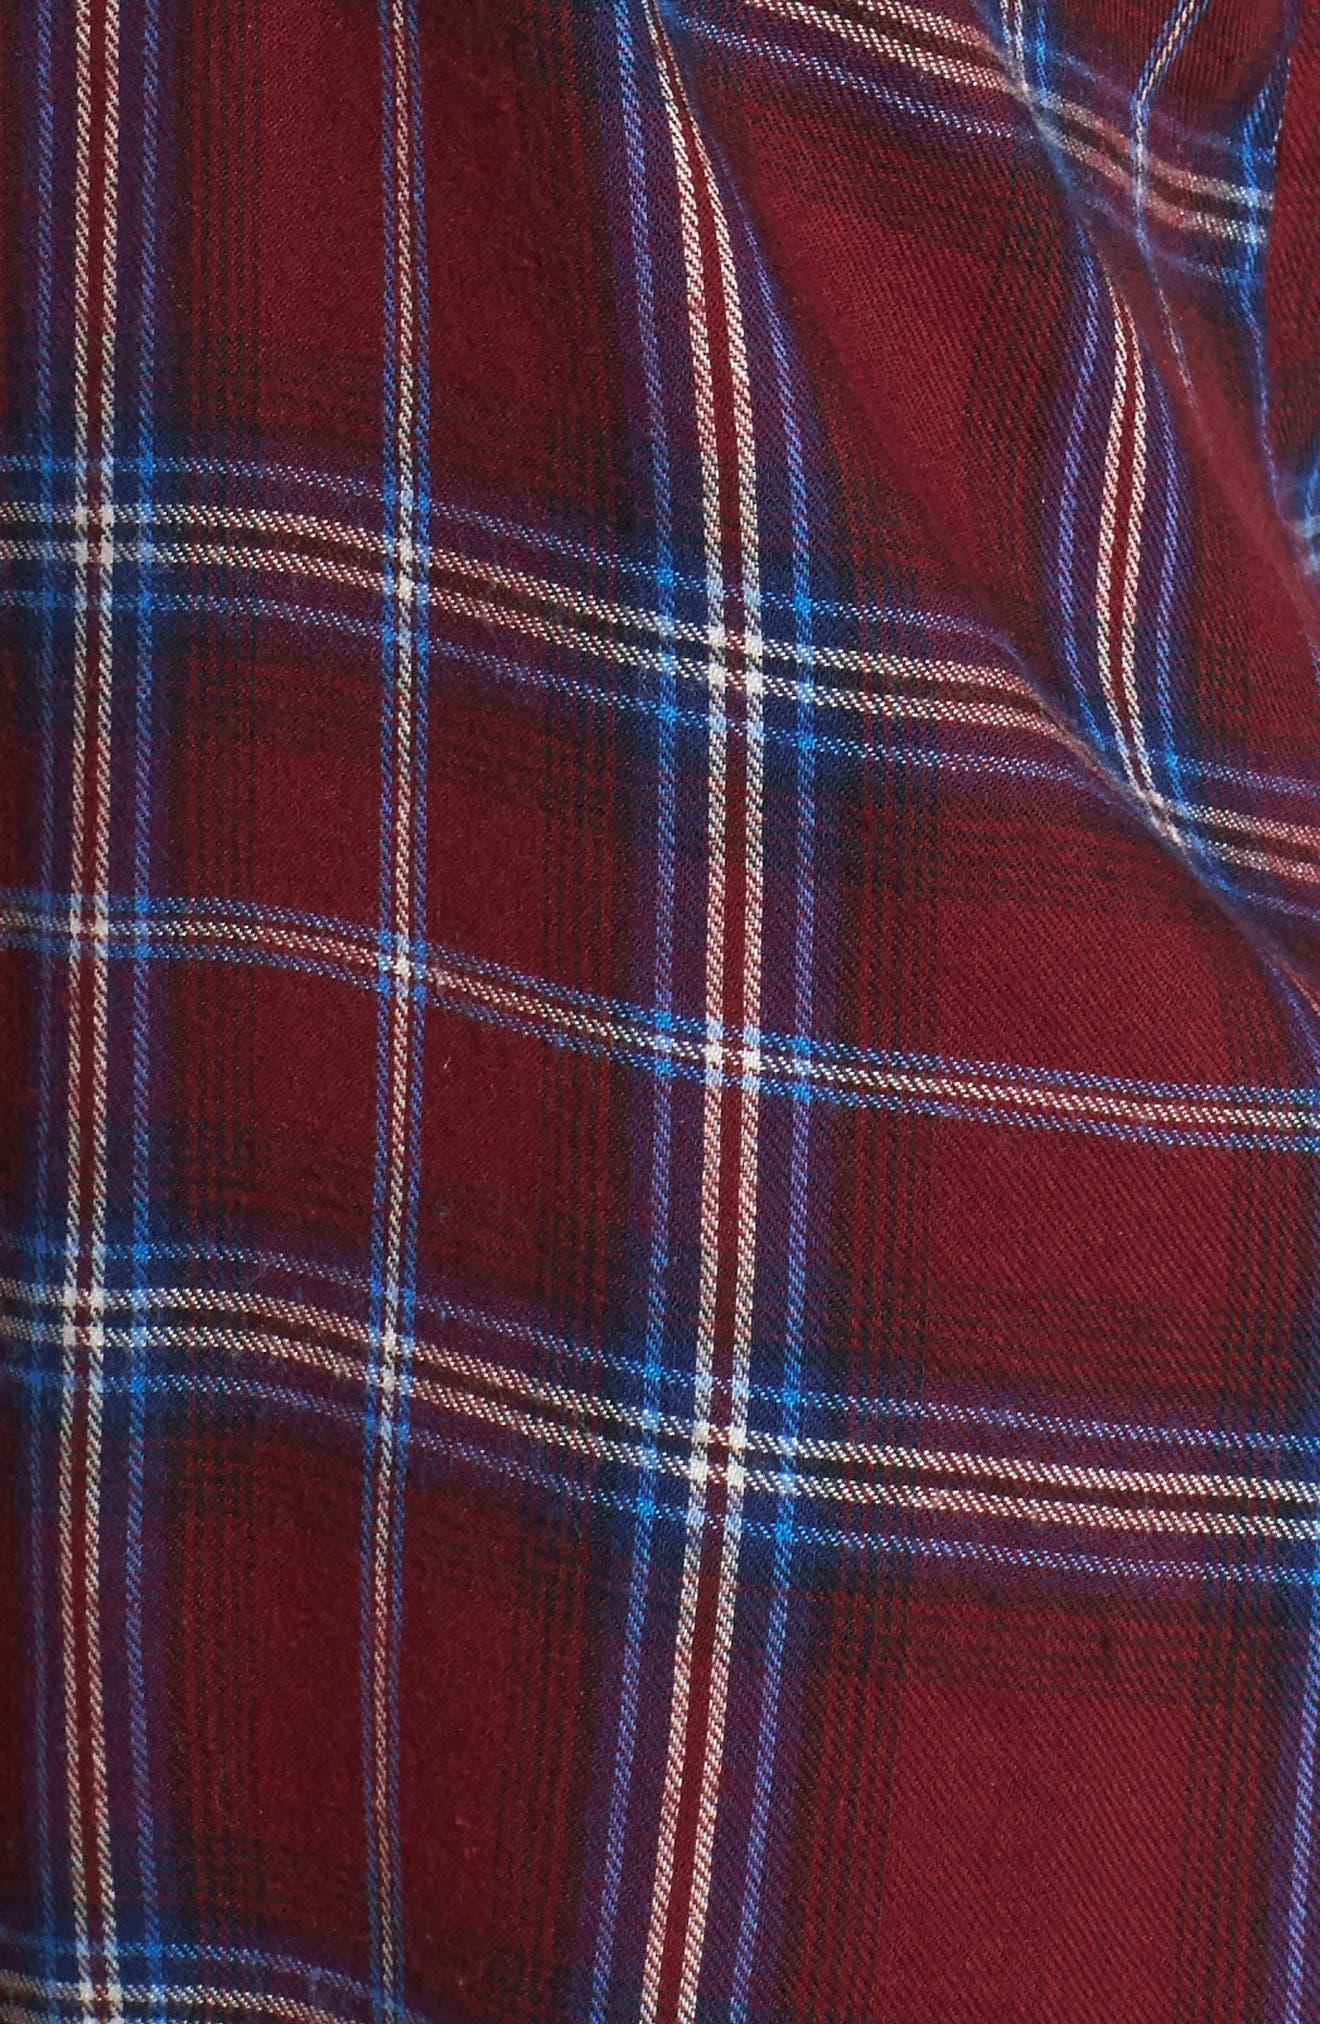 Plaid Cotton Blend Shirt,                             Alternate thumbnail 23, color,